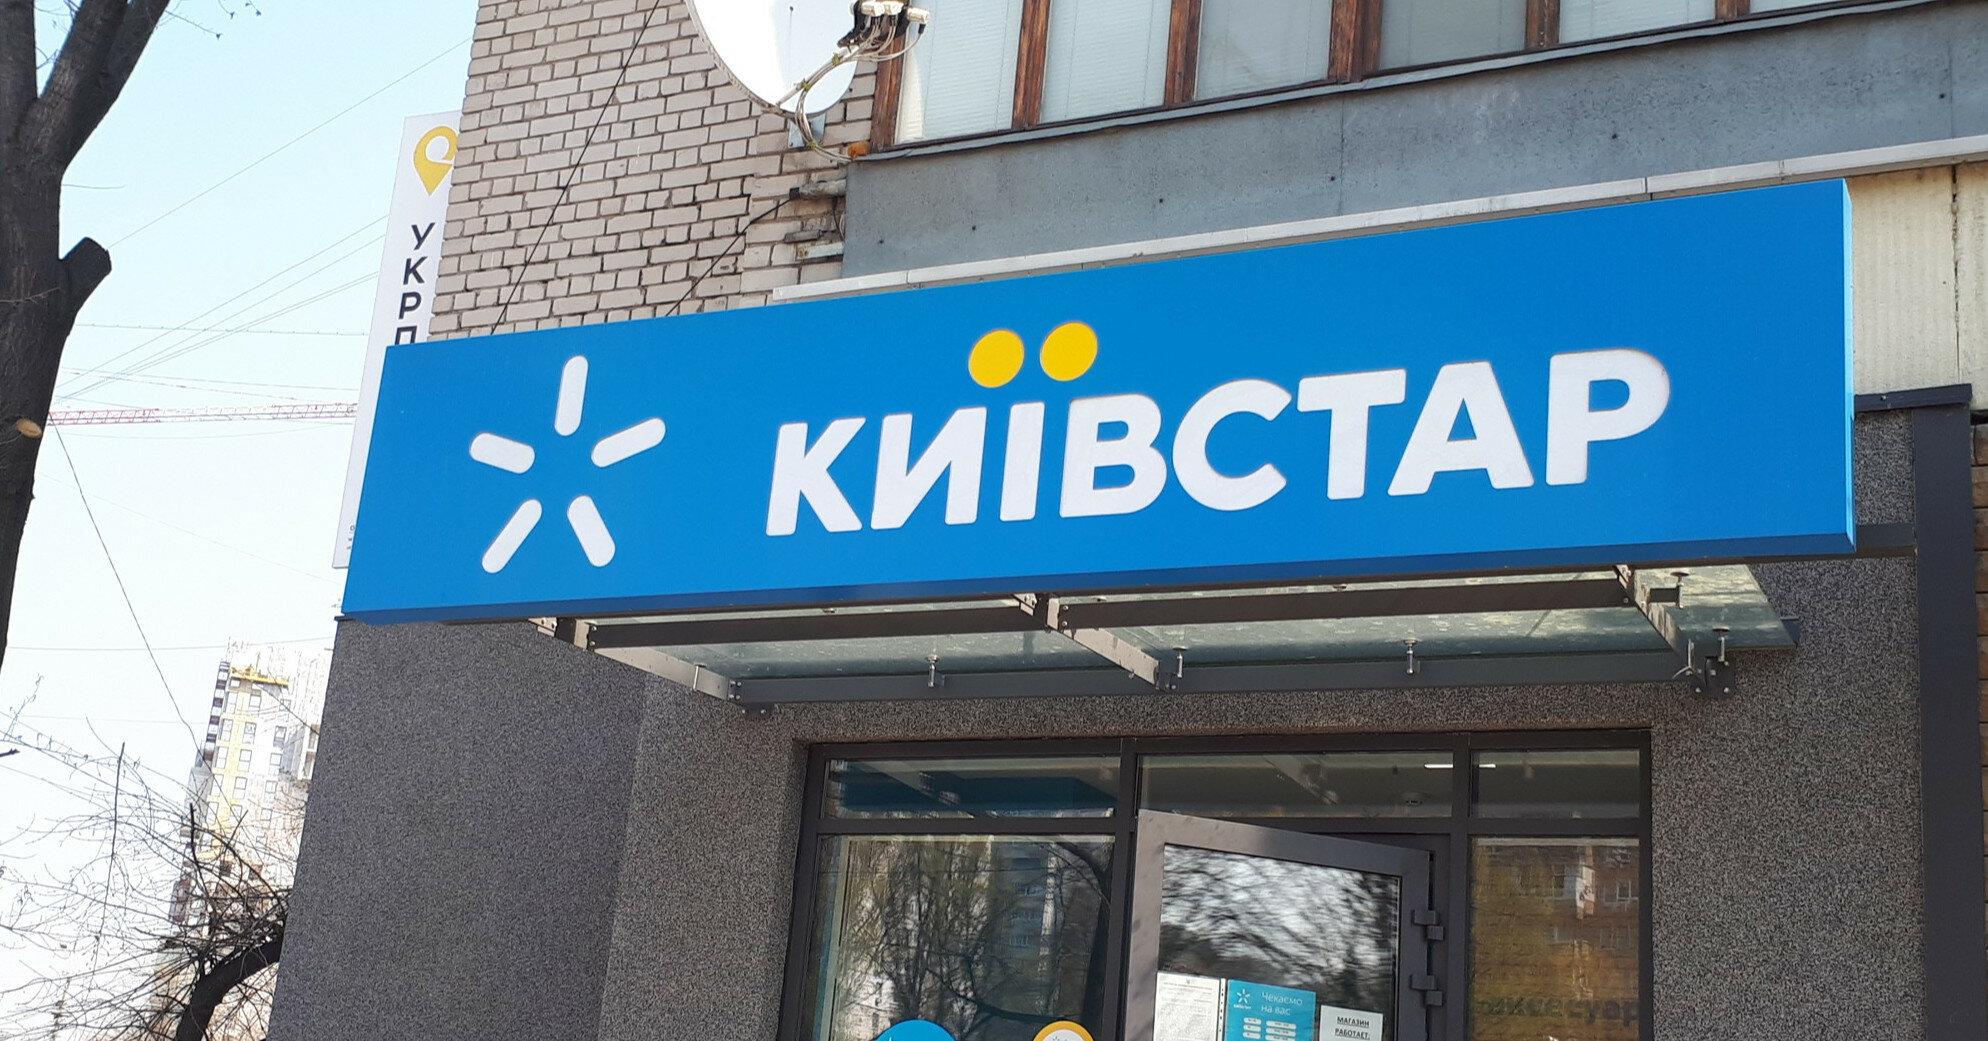 Киевстар включил связь 4G уже в 411 населенных пунктах